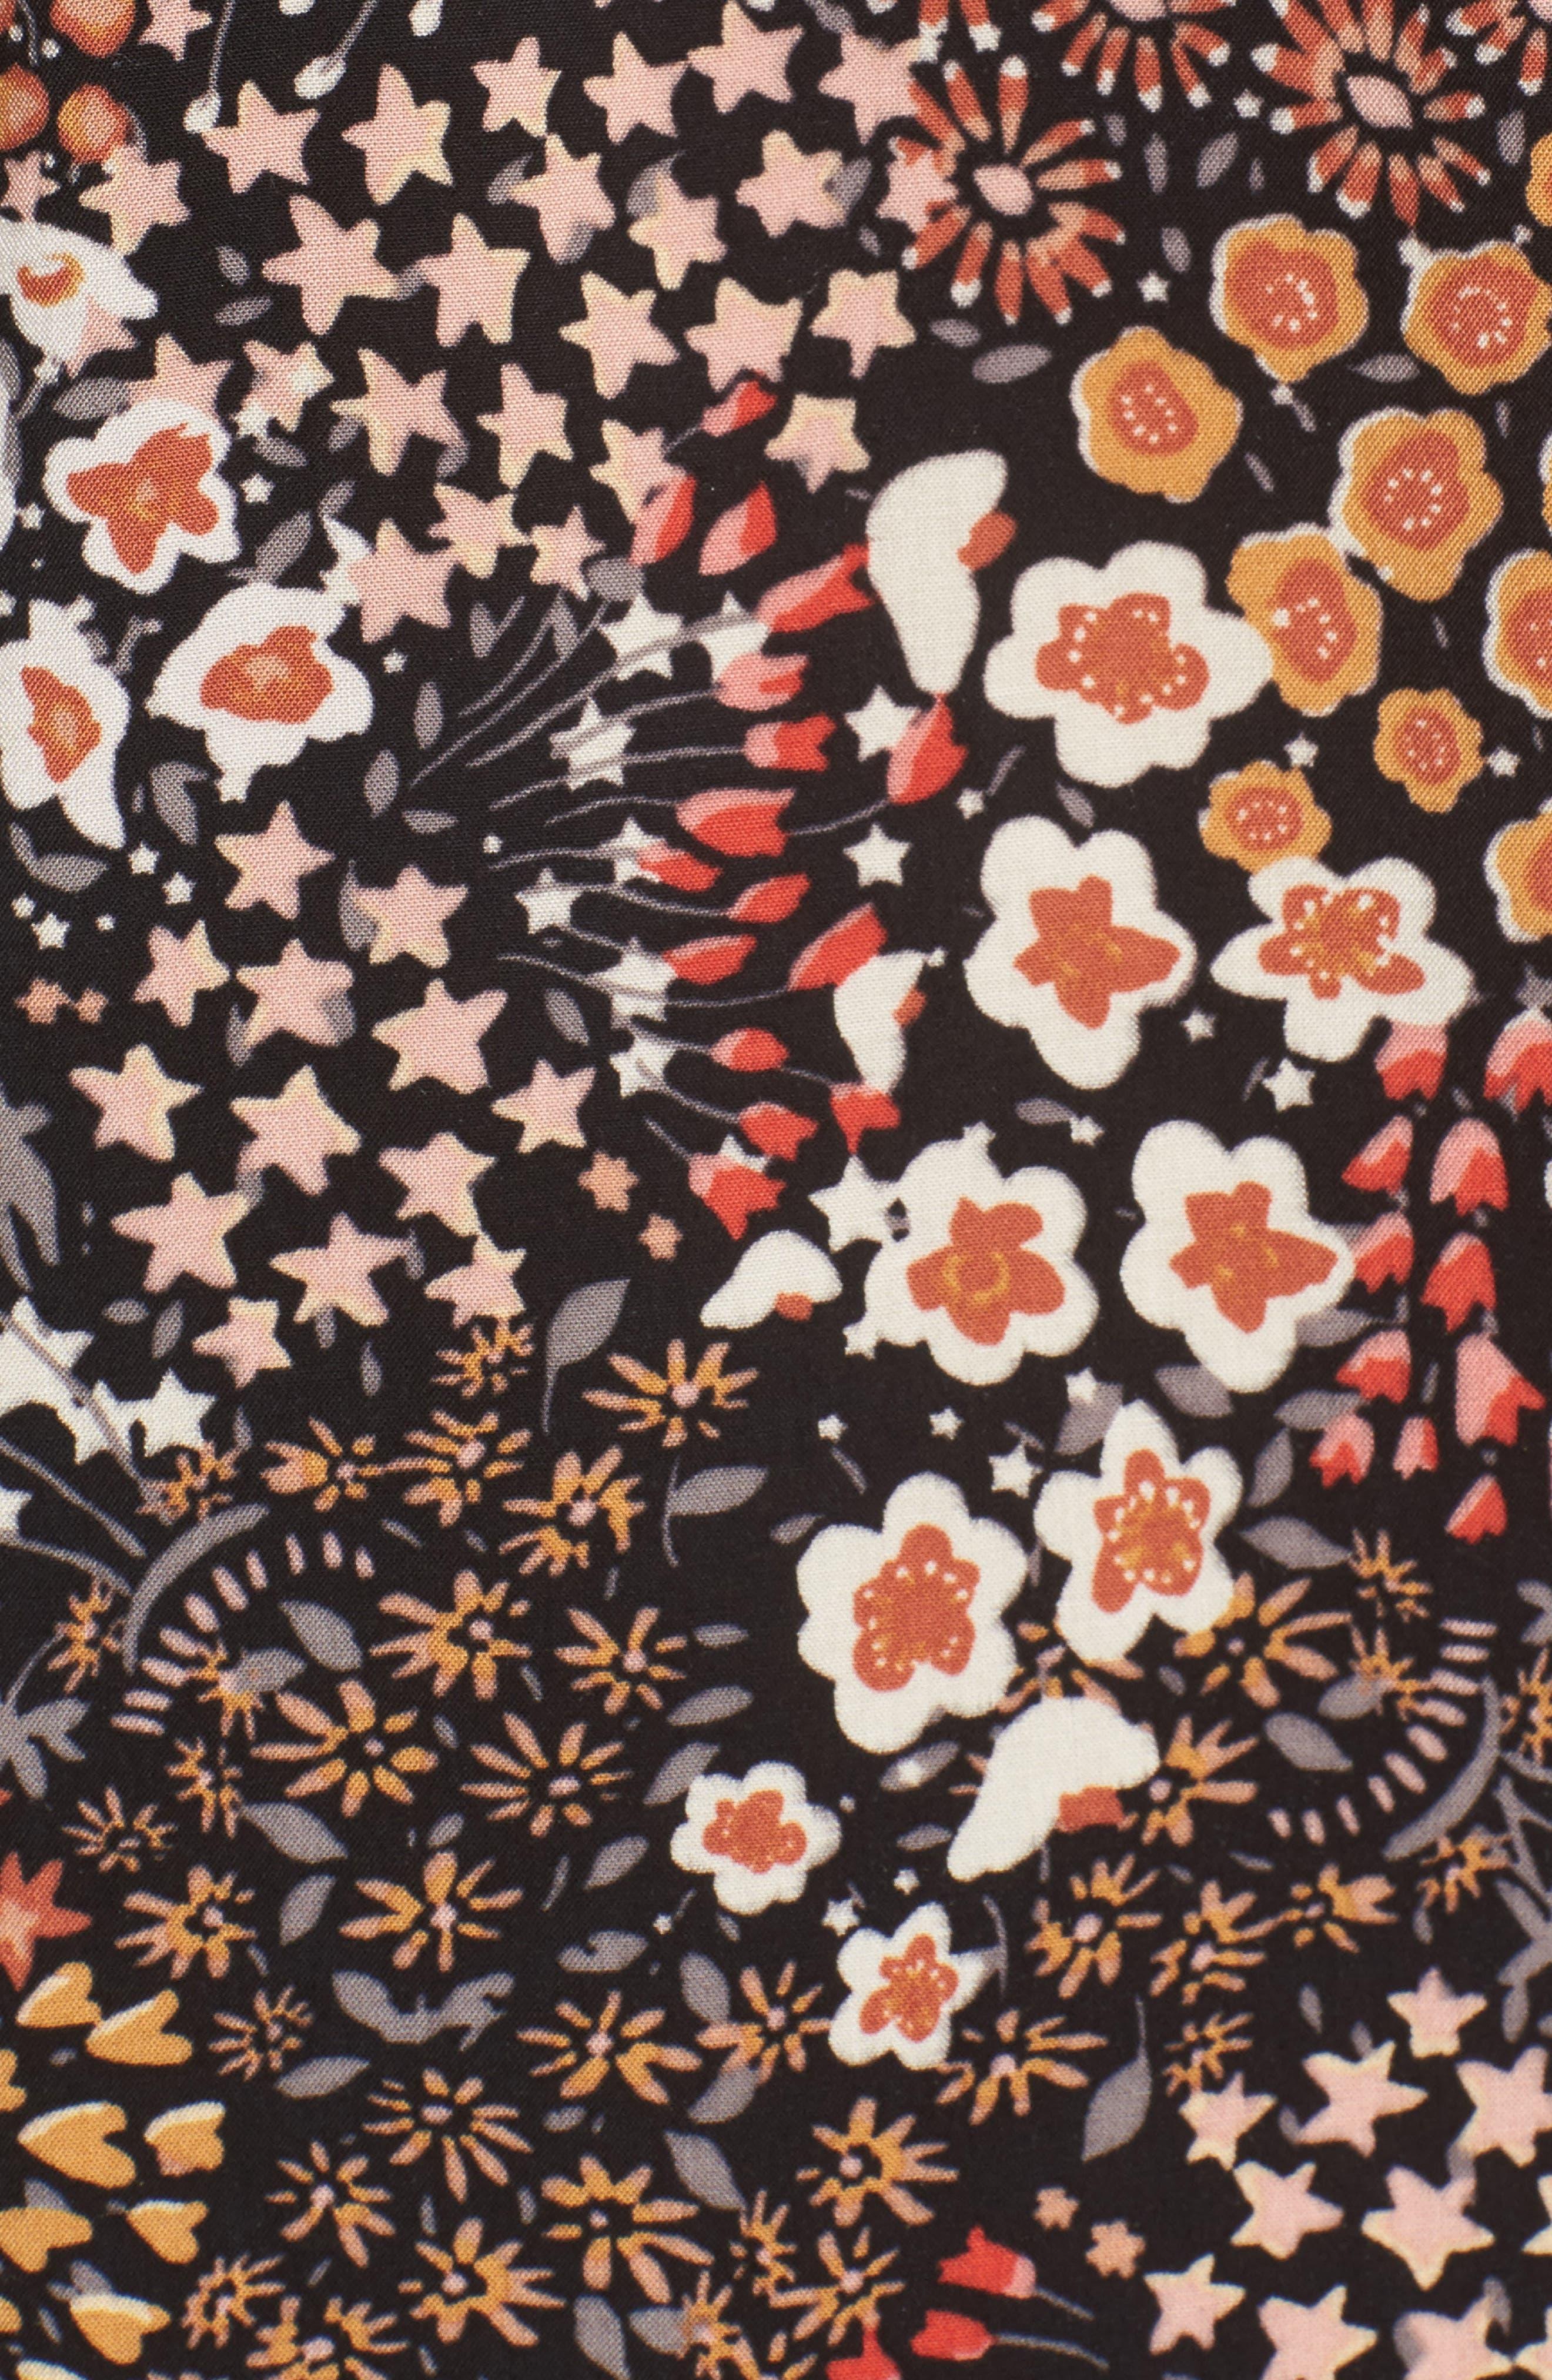 Floral V-Neck Top,                             Alternate thumbnail 5, color,                             001